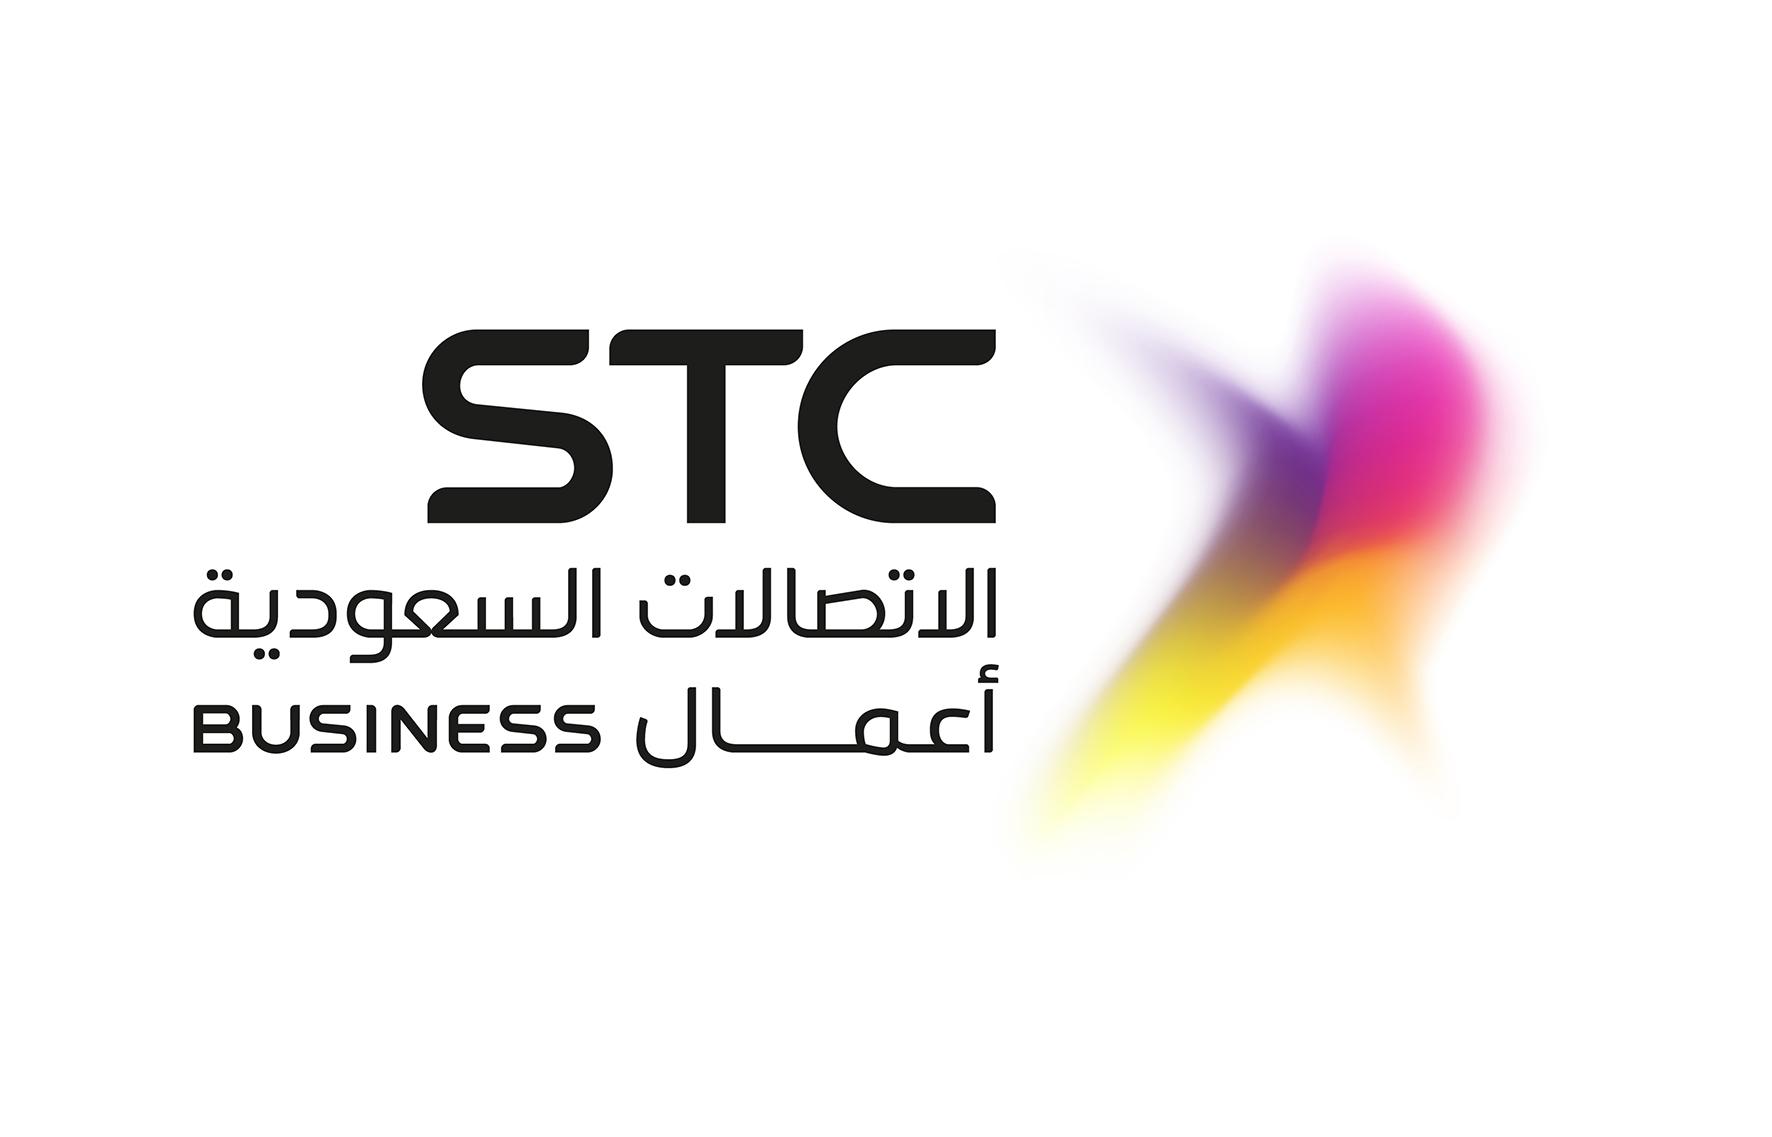 الاتصالات السعودية أعمال